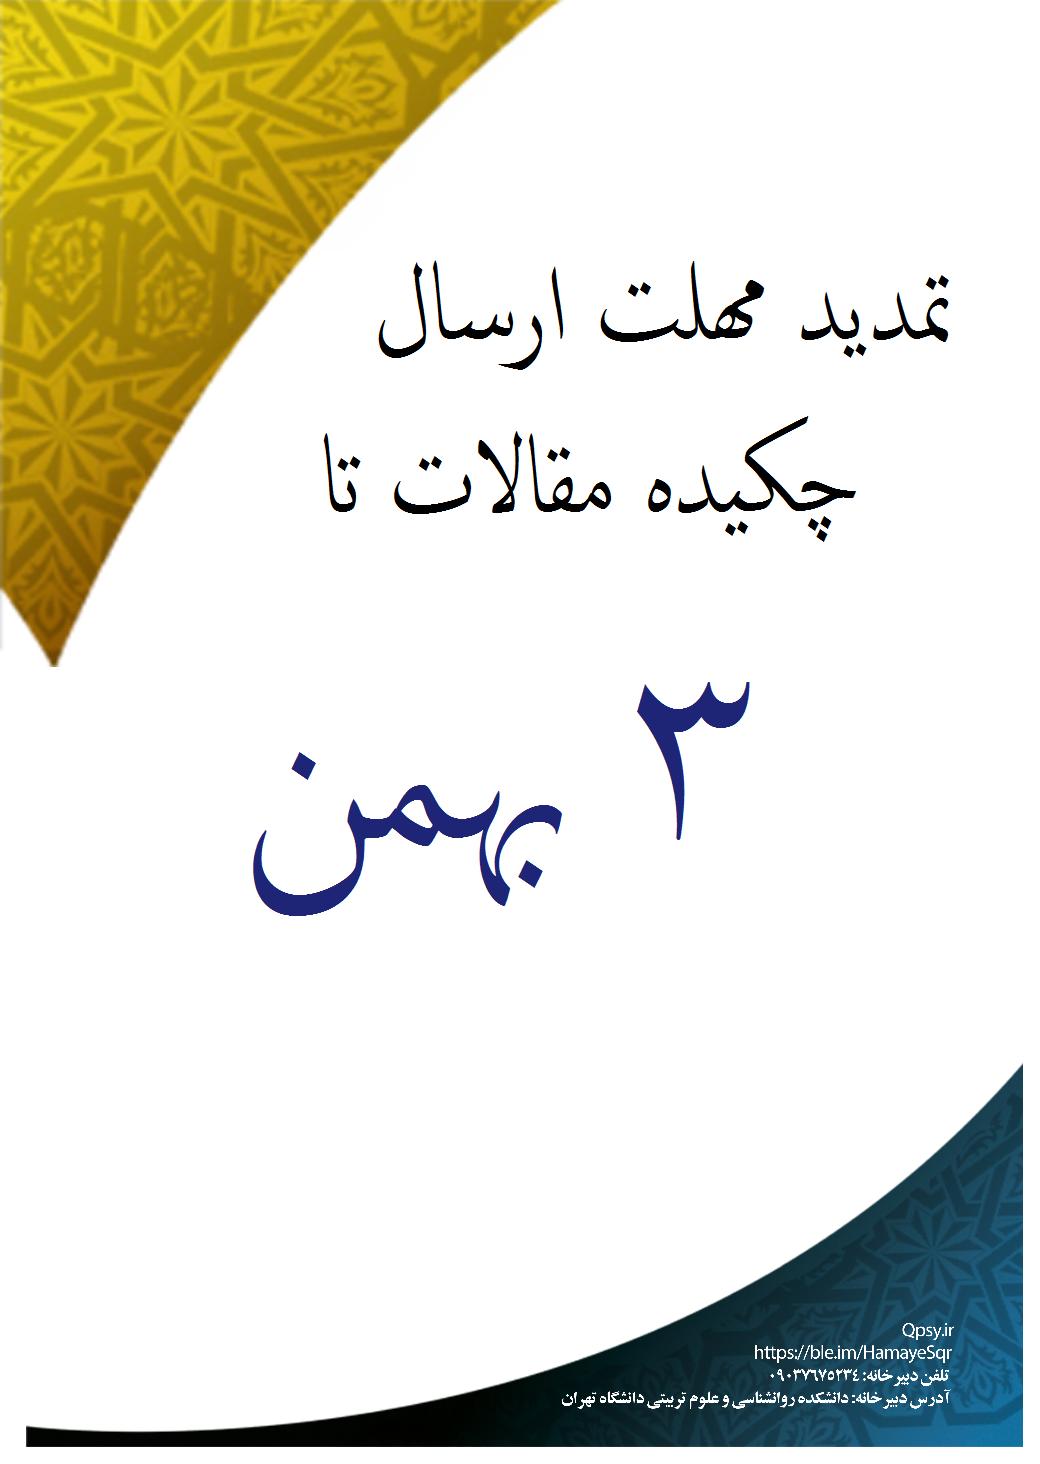 تمدید مهلت ارسال چکیده مقالات تا 3 بهمن